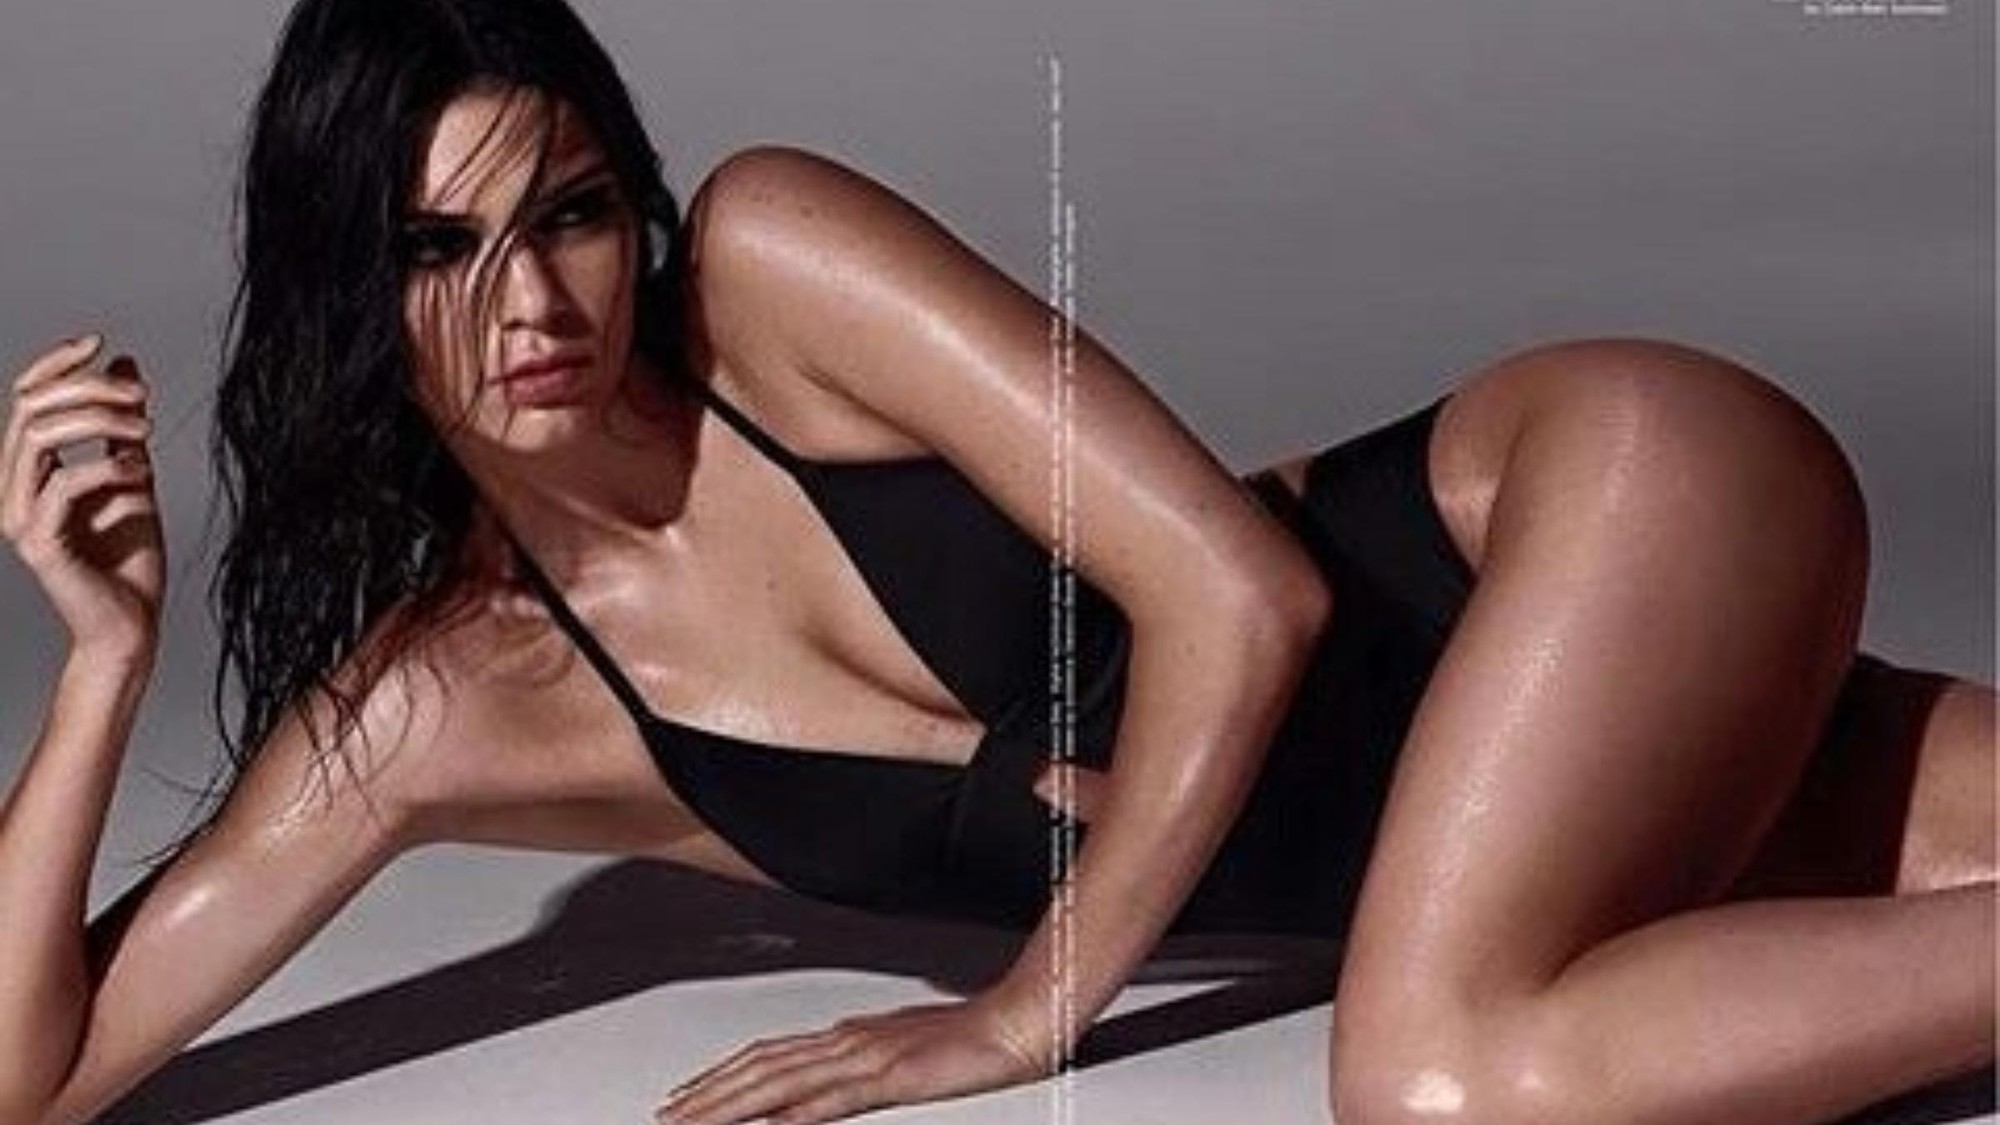 Kendall Jenner tròn 23 tuổi: Nhìn lại loạt khoảnh khắc nhan sắc đỉnh cao của siêu mẫu kiếm nhiều tiền nhất thế giới! - Ảnh 15.